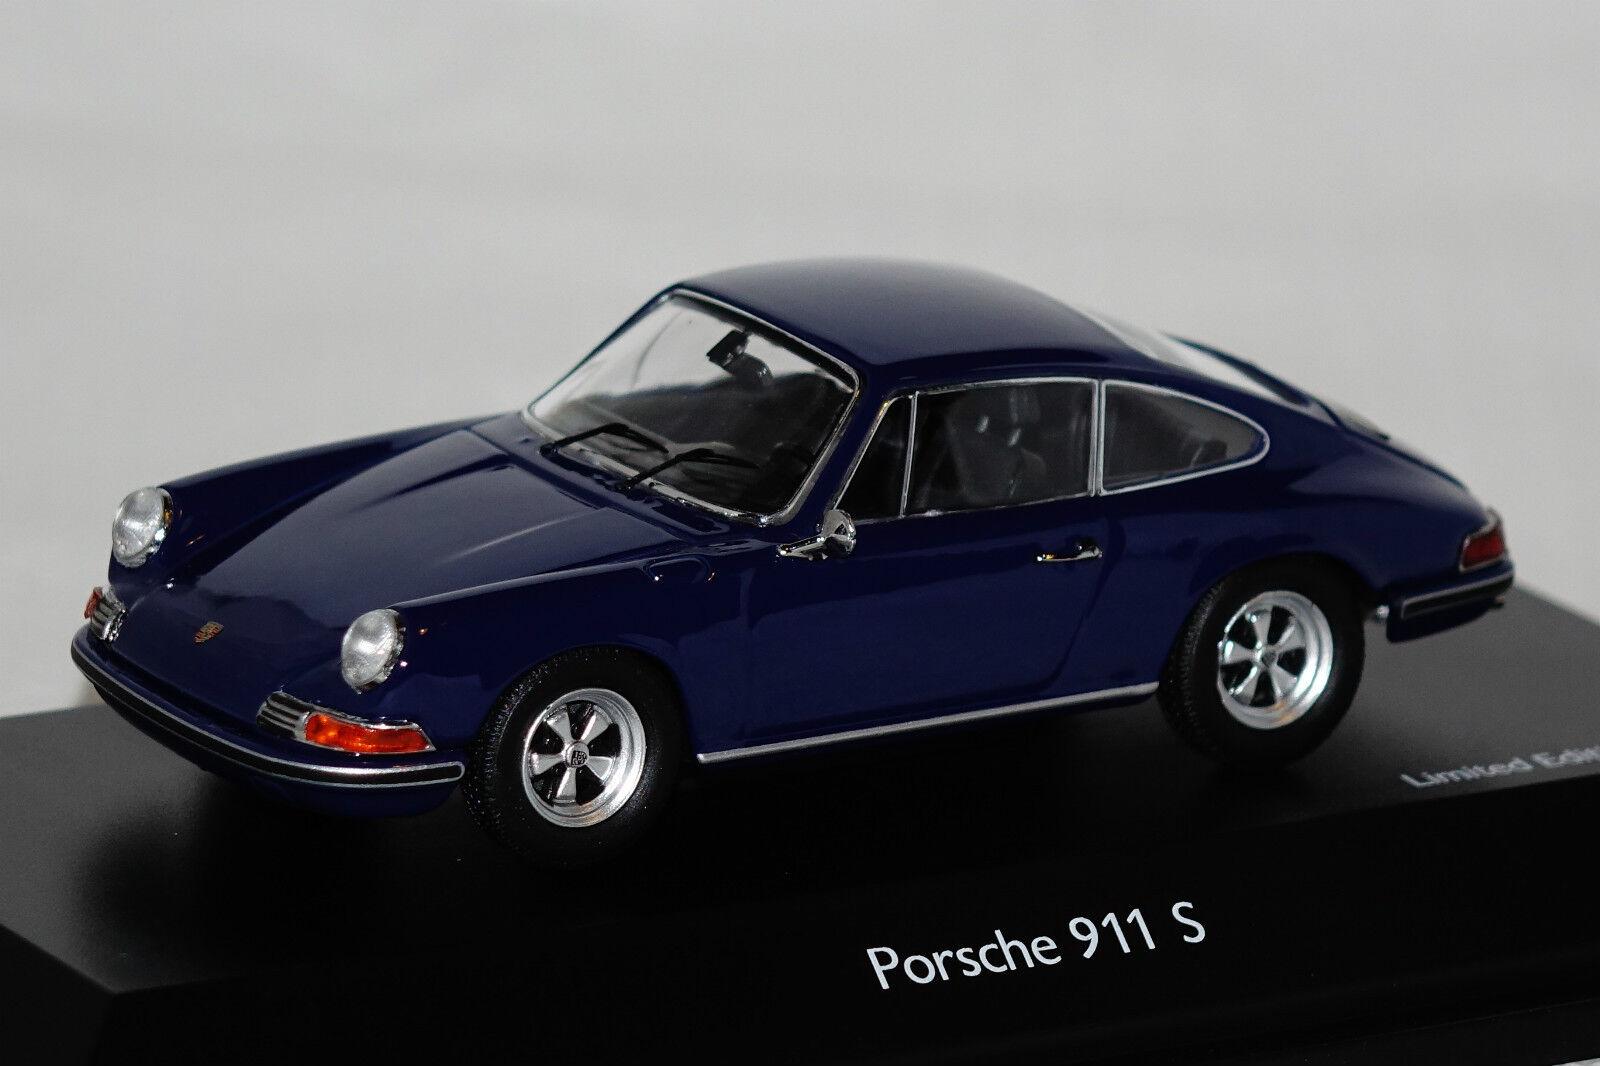 Porsche 911 s bleu 1 of 1000 1 43 schuco NEUF + OVP 3675